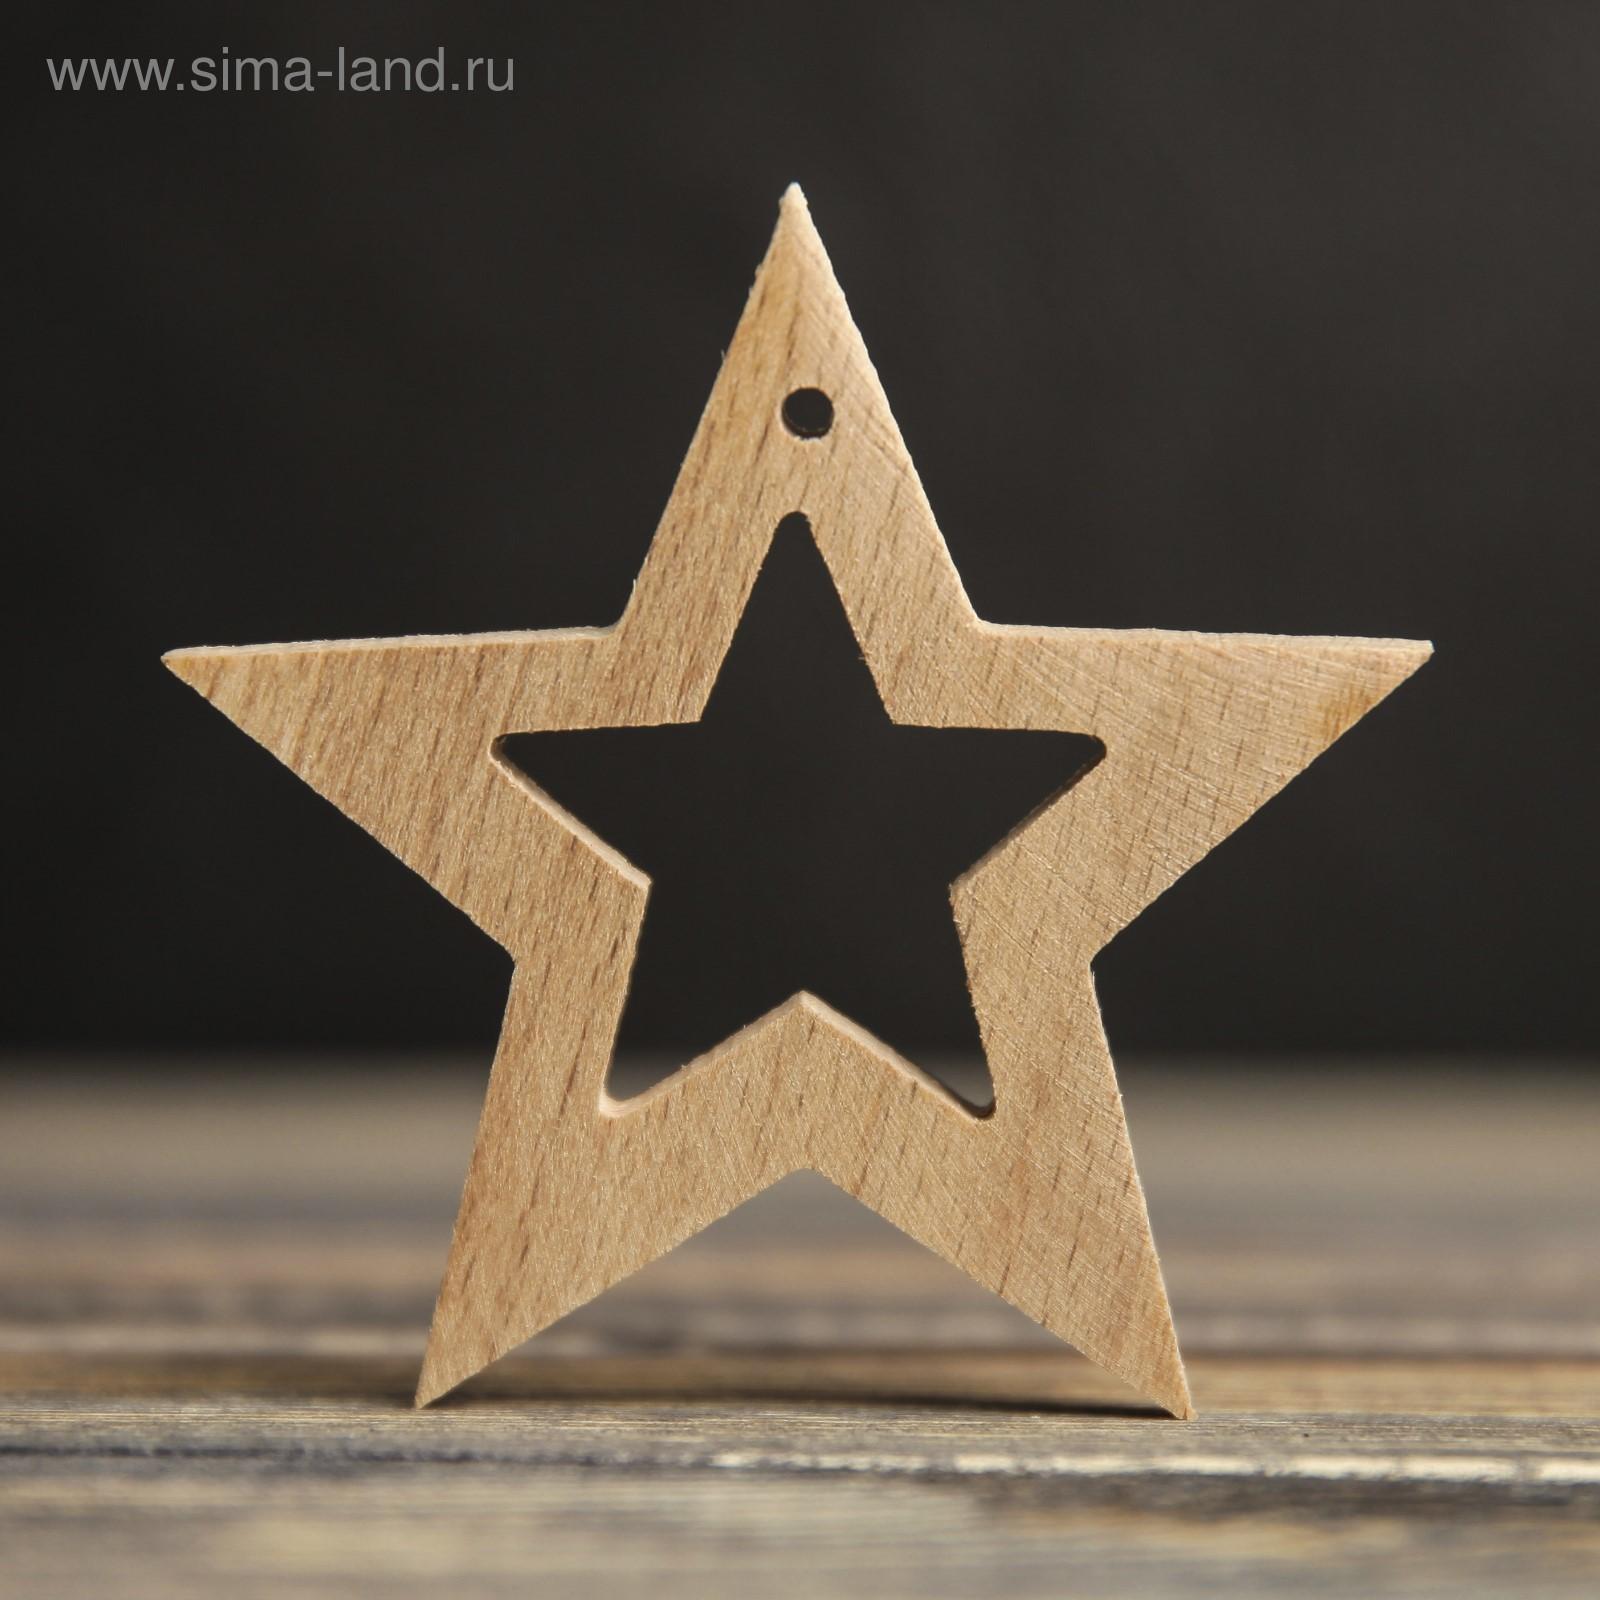 Заготовка НГ дерево Звезда резная 8см